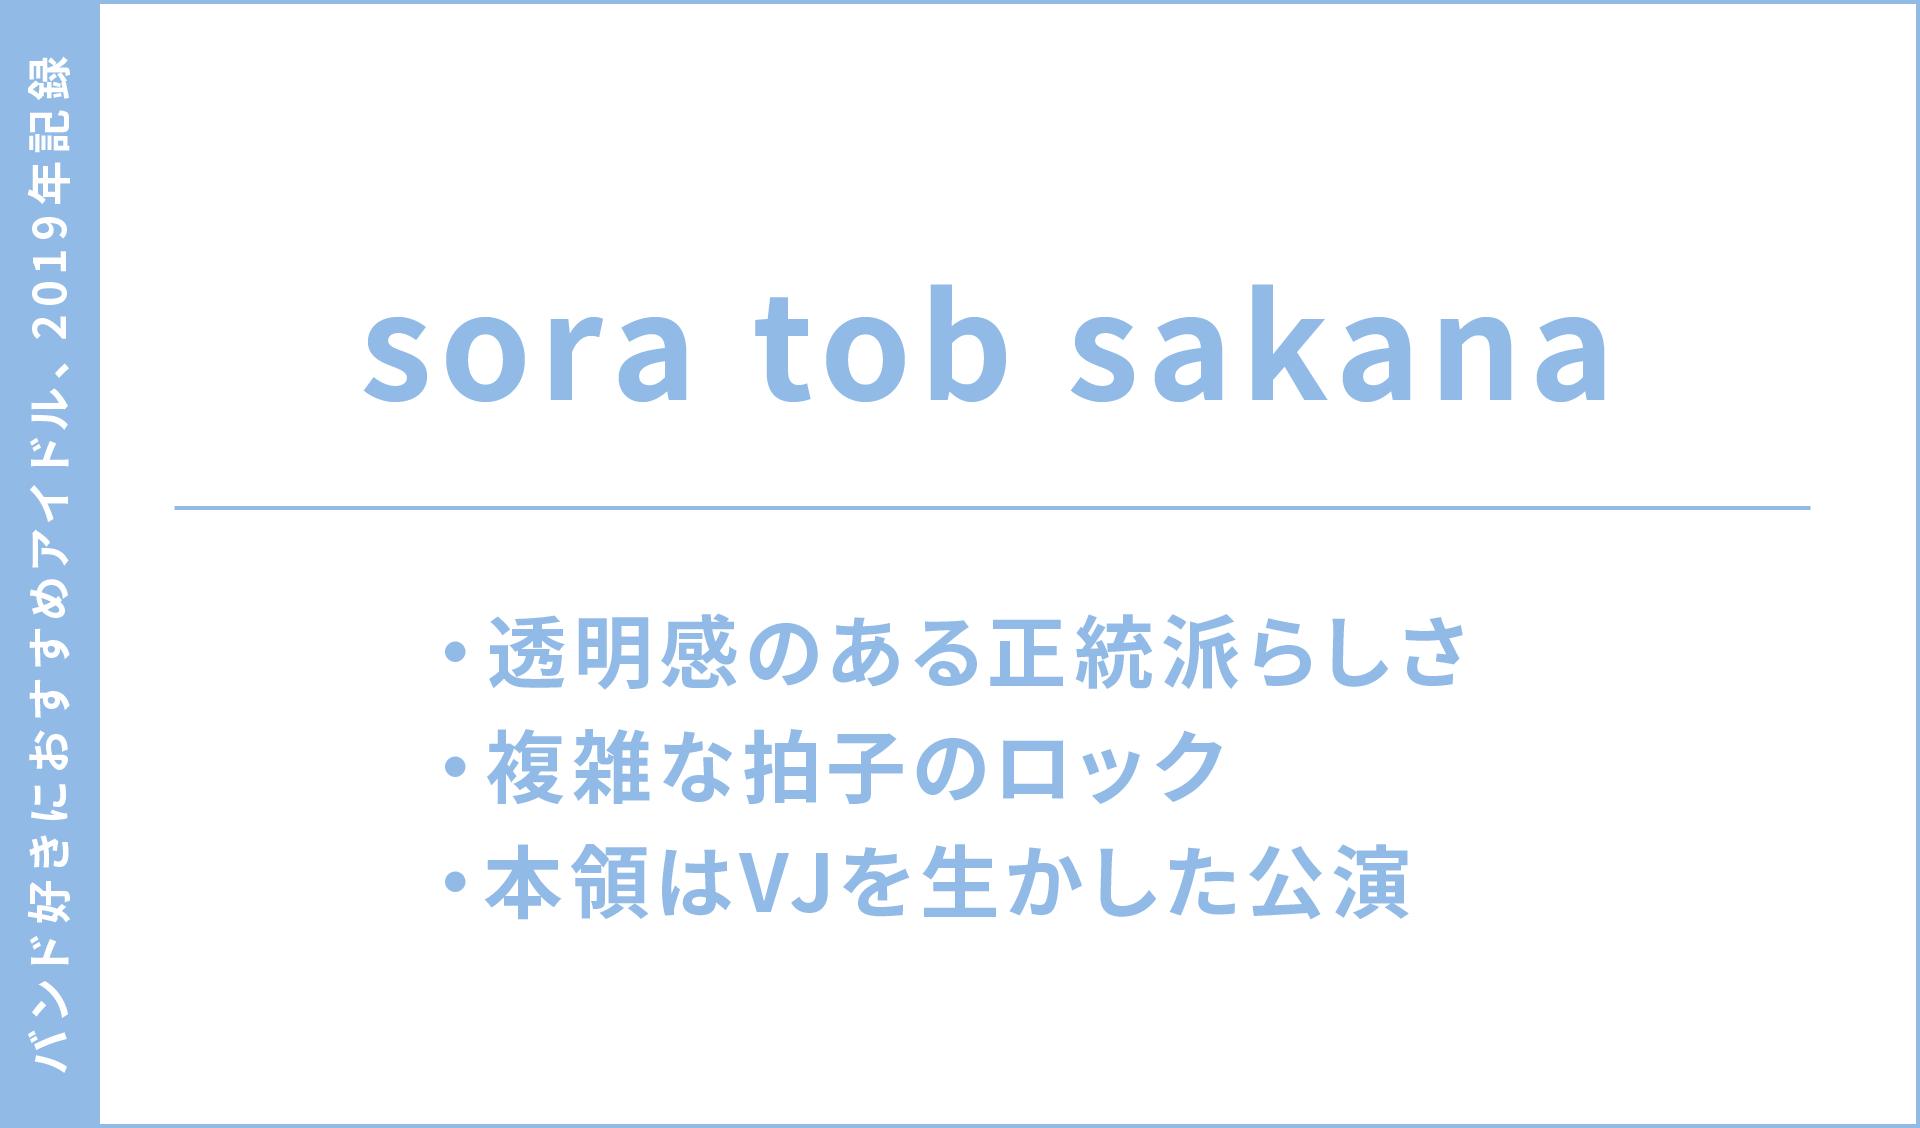 おすすめアイドル2019年記録 - sora tob sakana